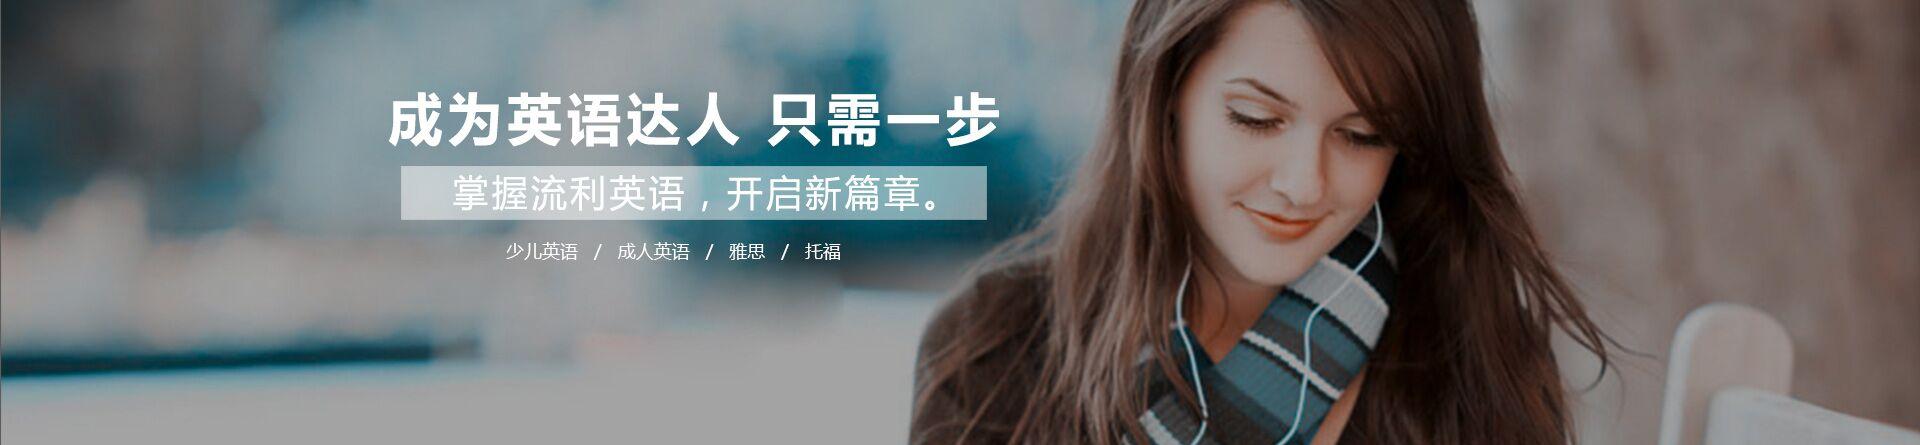 深圳龙华区阿卡索英语培训机构